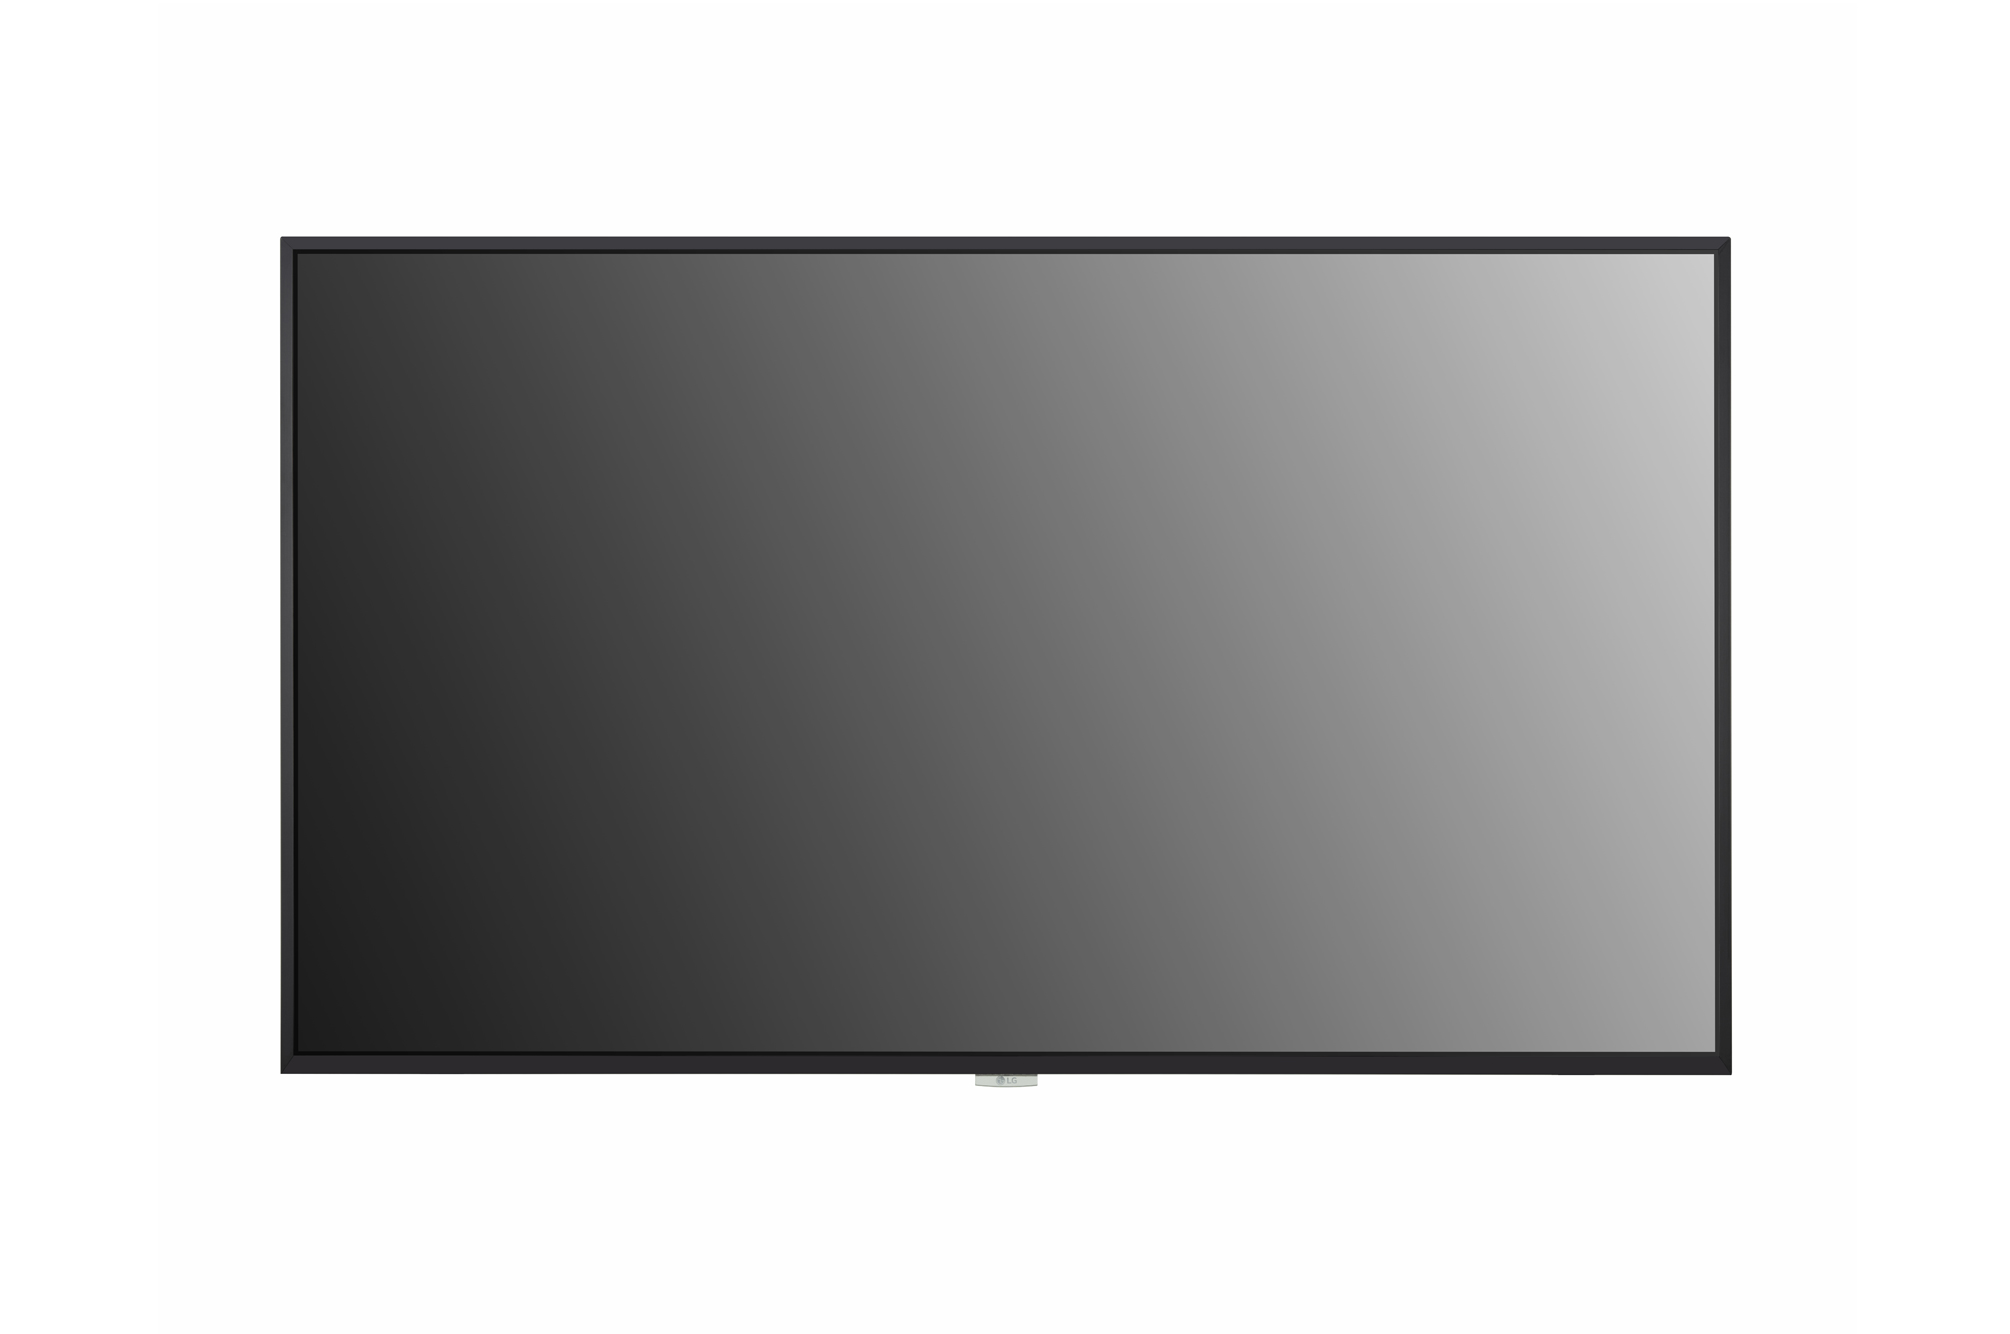 LG Standard Premium 65UH7F-B 2